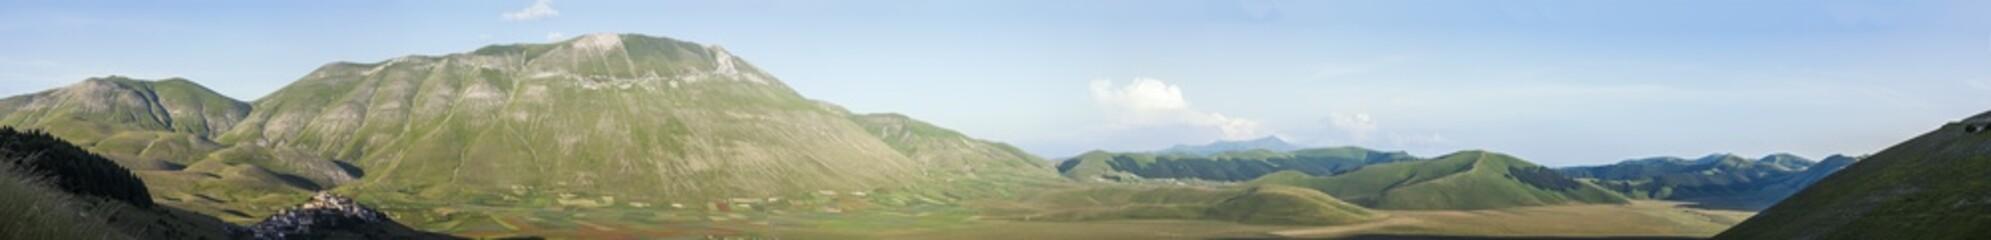 Vista panoramica della valle di Castelluccio di Norcia